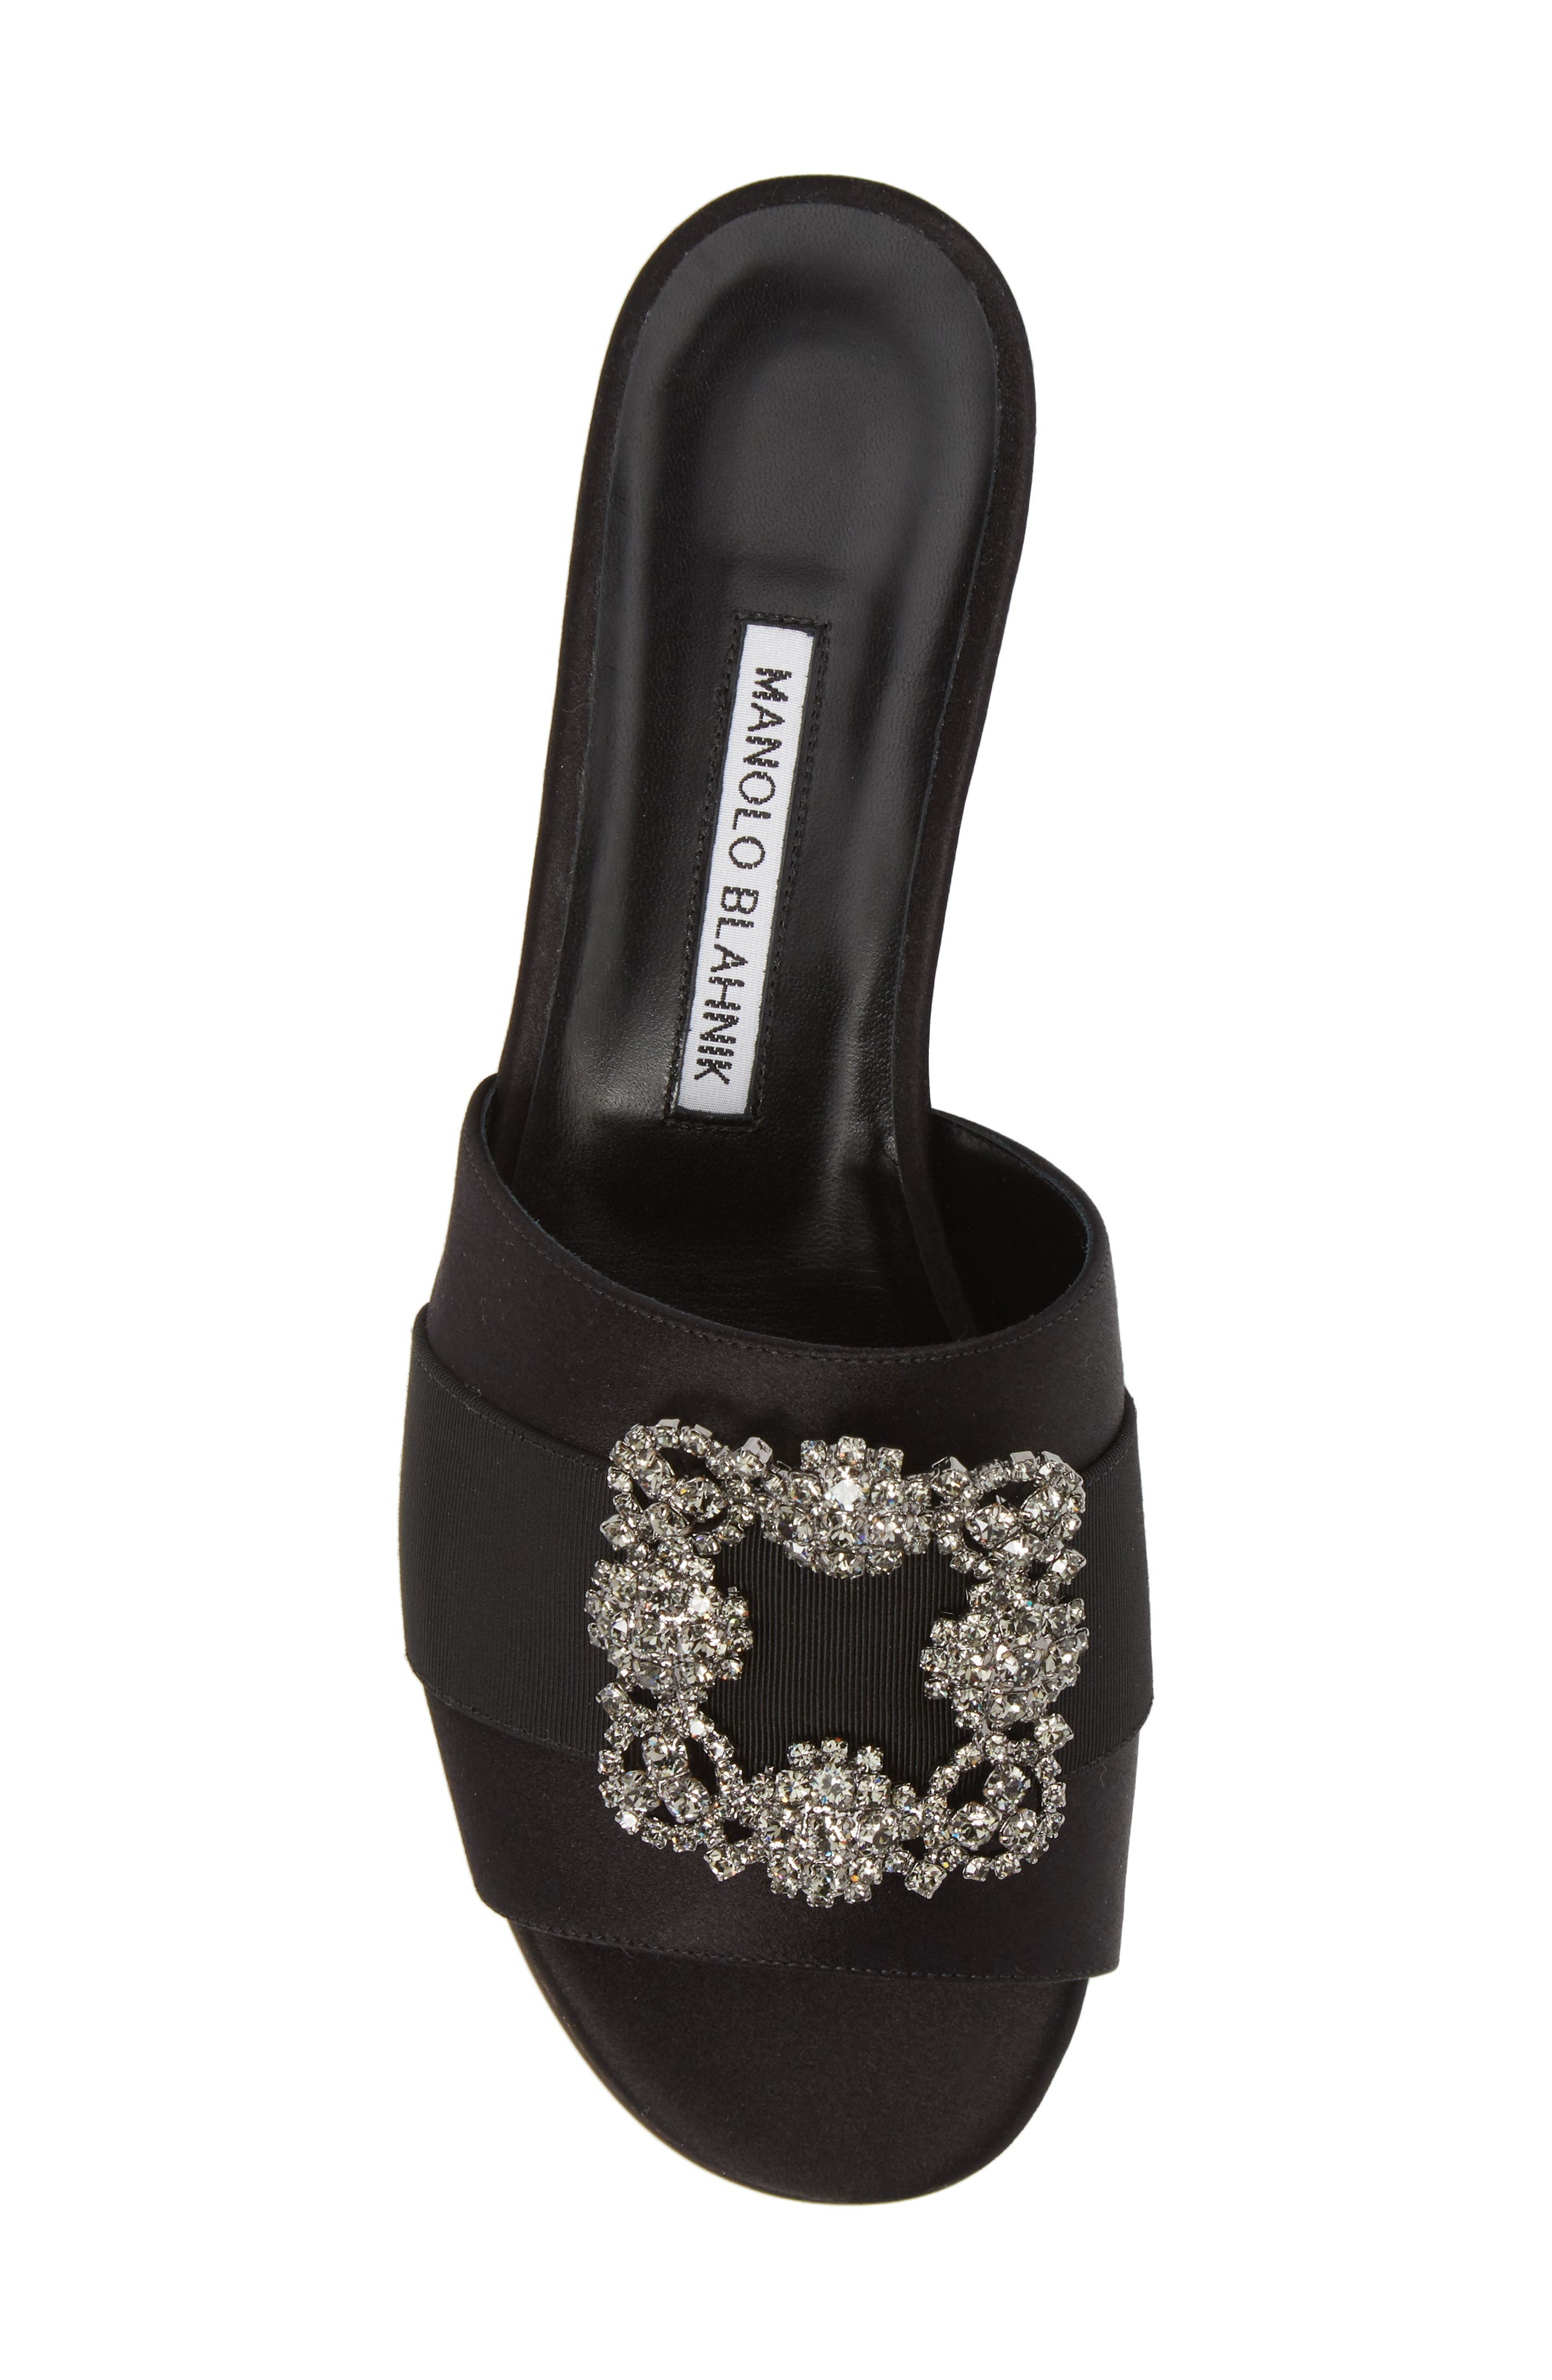 Martamod Crystal Embellished Slide Sandal,                             Alternate thumbnail 5, color,                             Black Satin